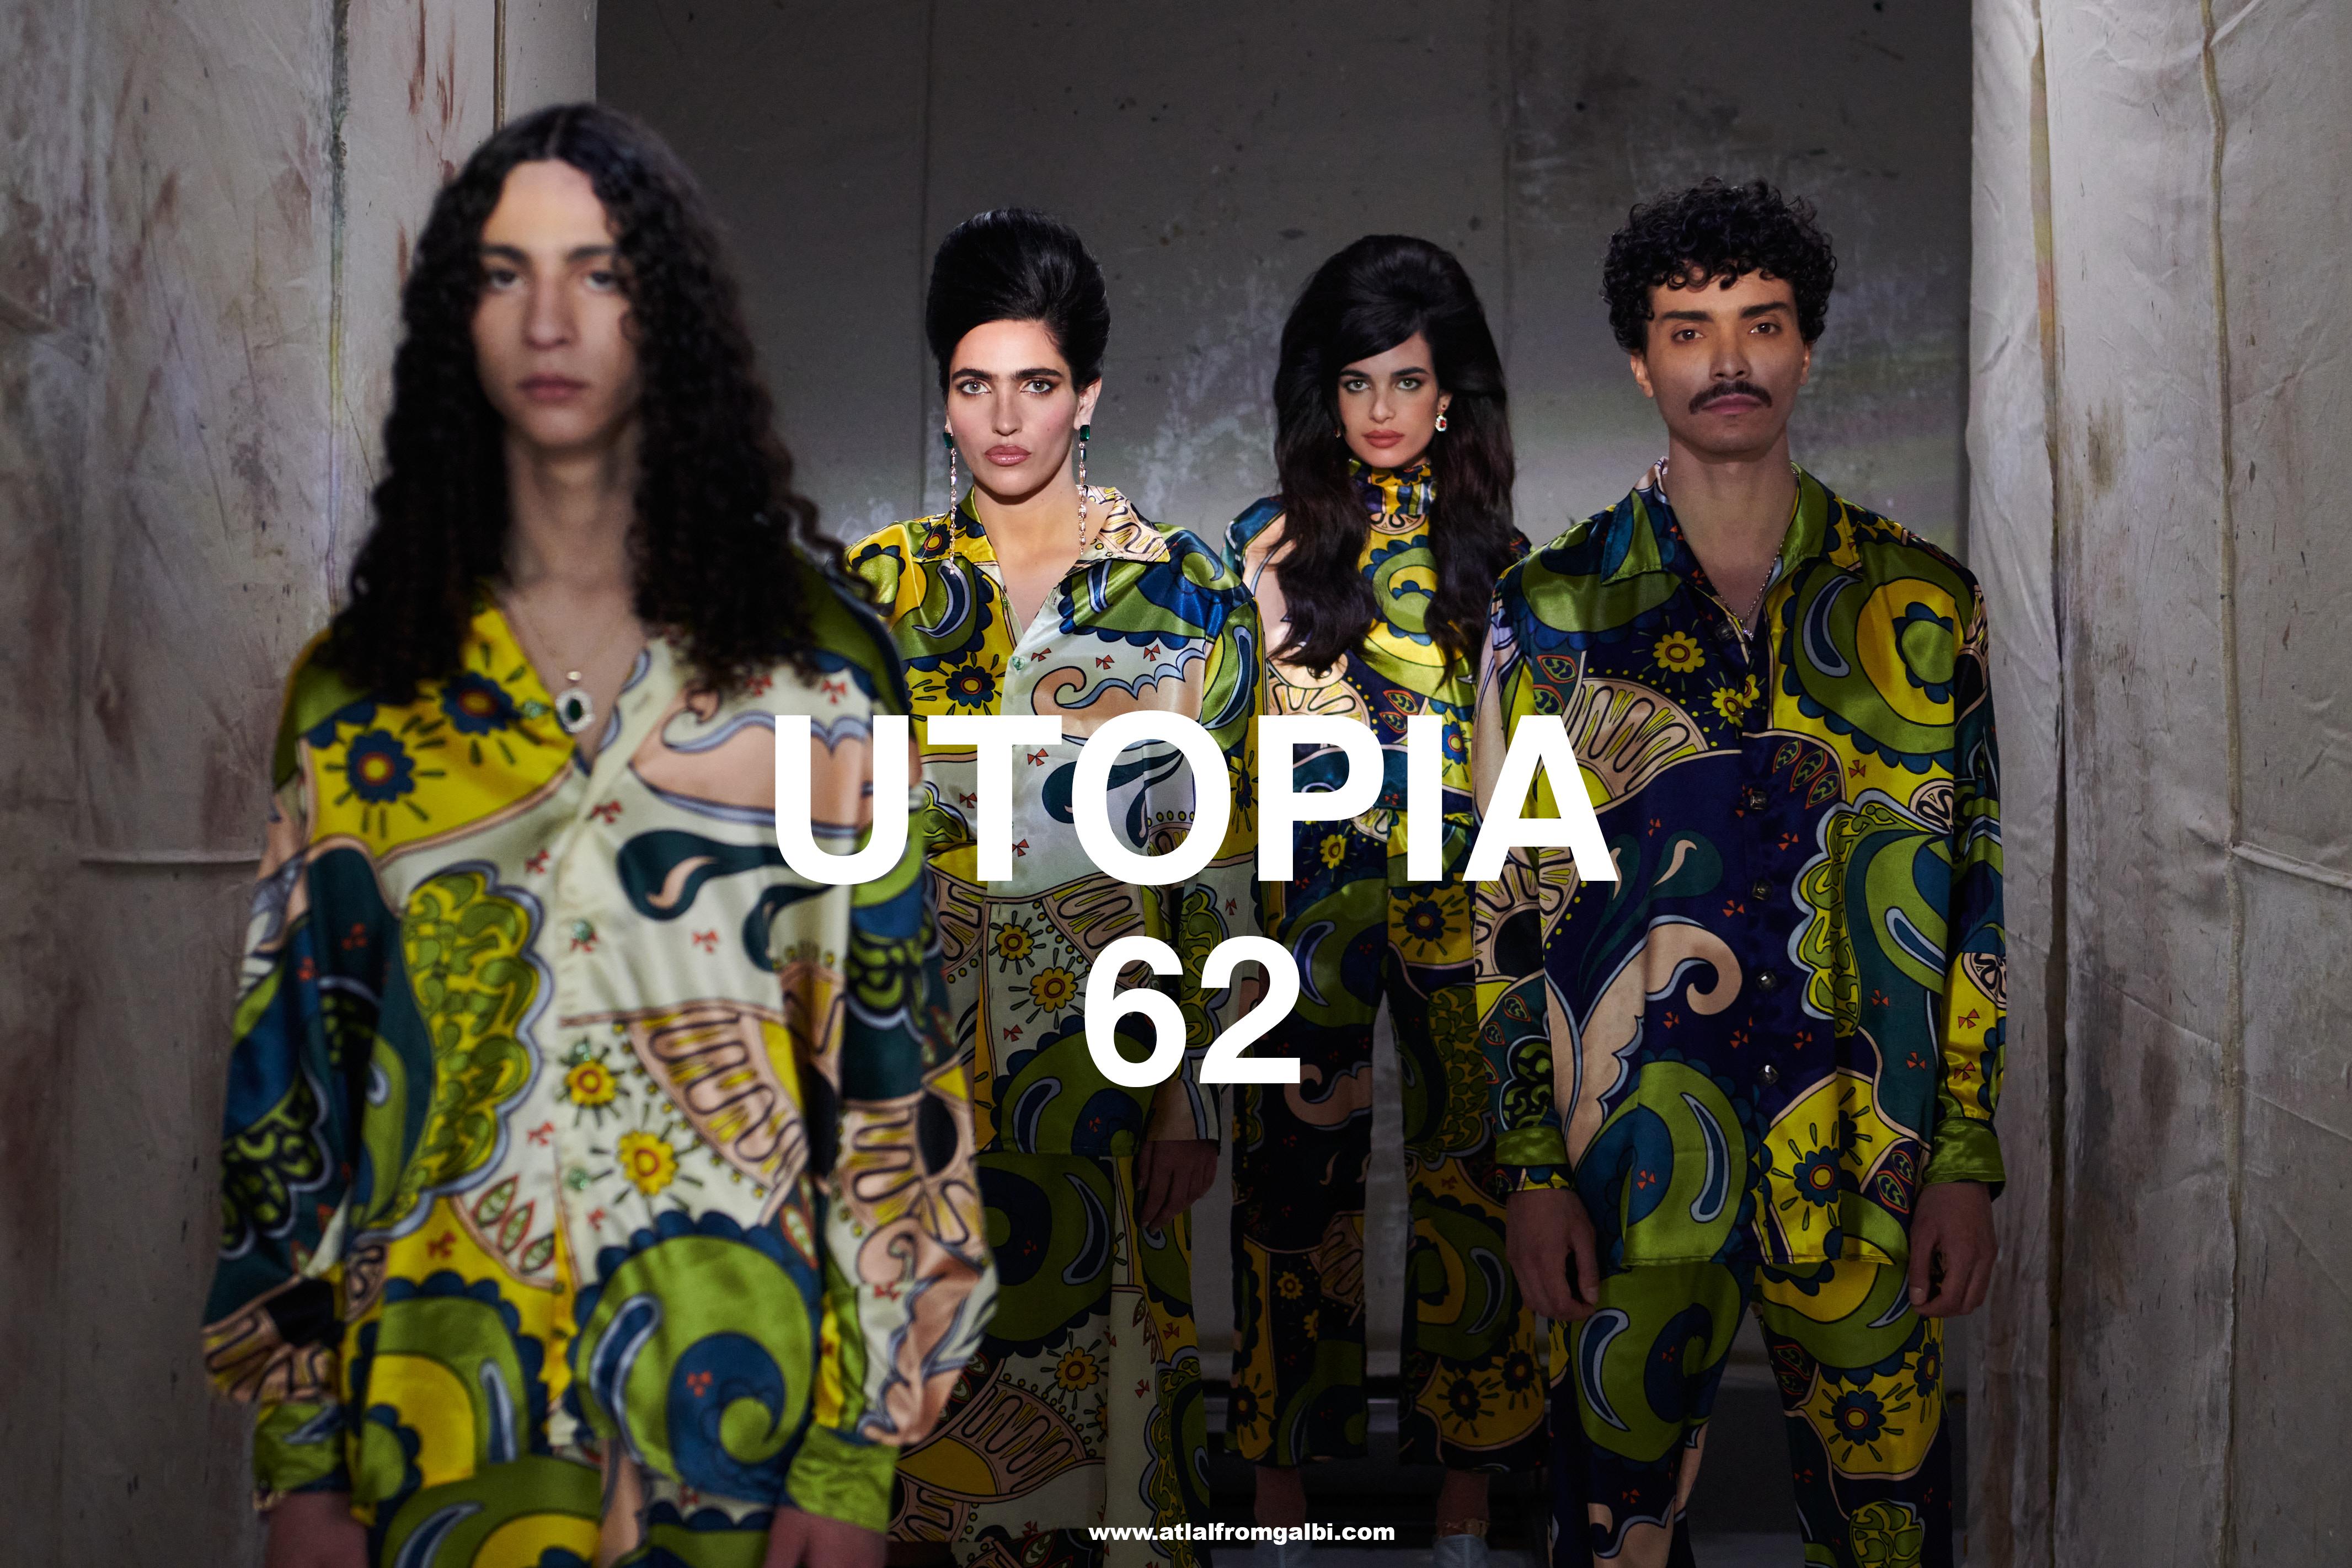 UTOPIA 62: La dernière collection du label Atlal From Galbi